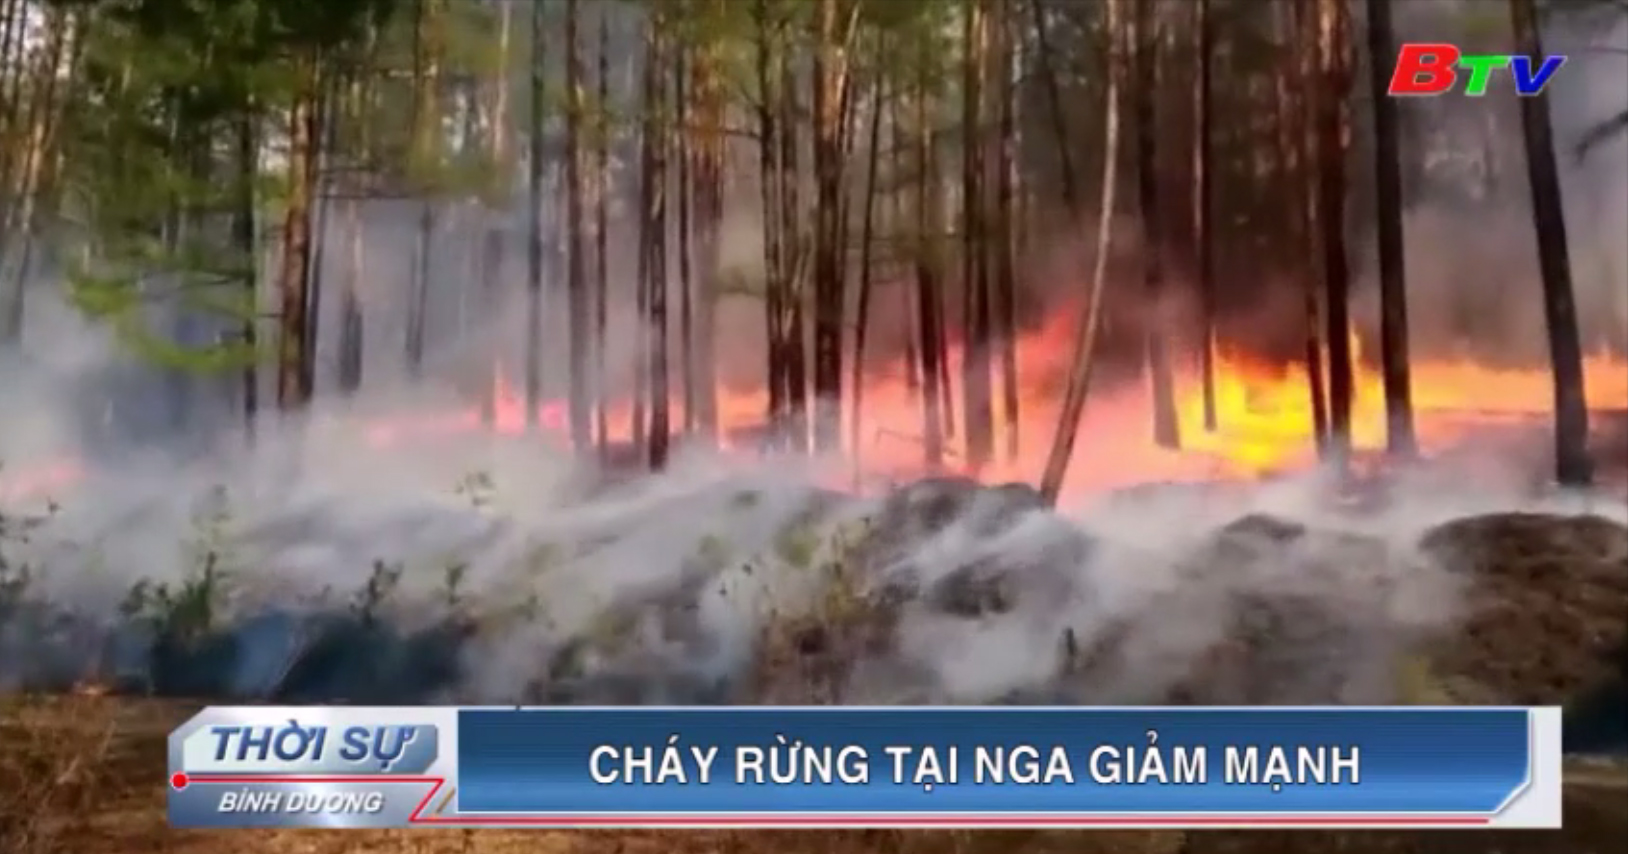 Cháy rừng tại Nga giảm mạnh